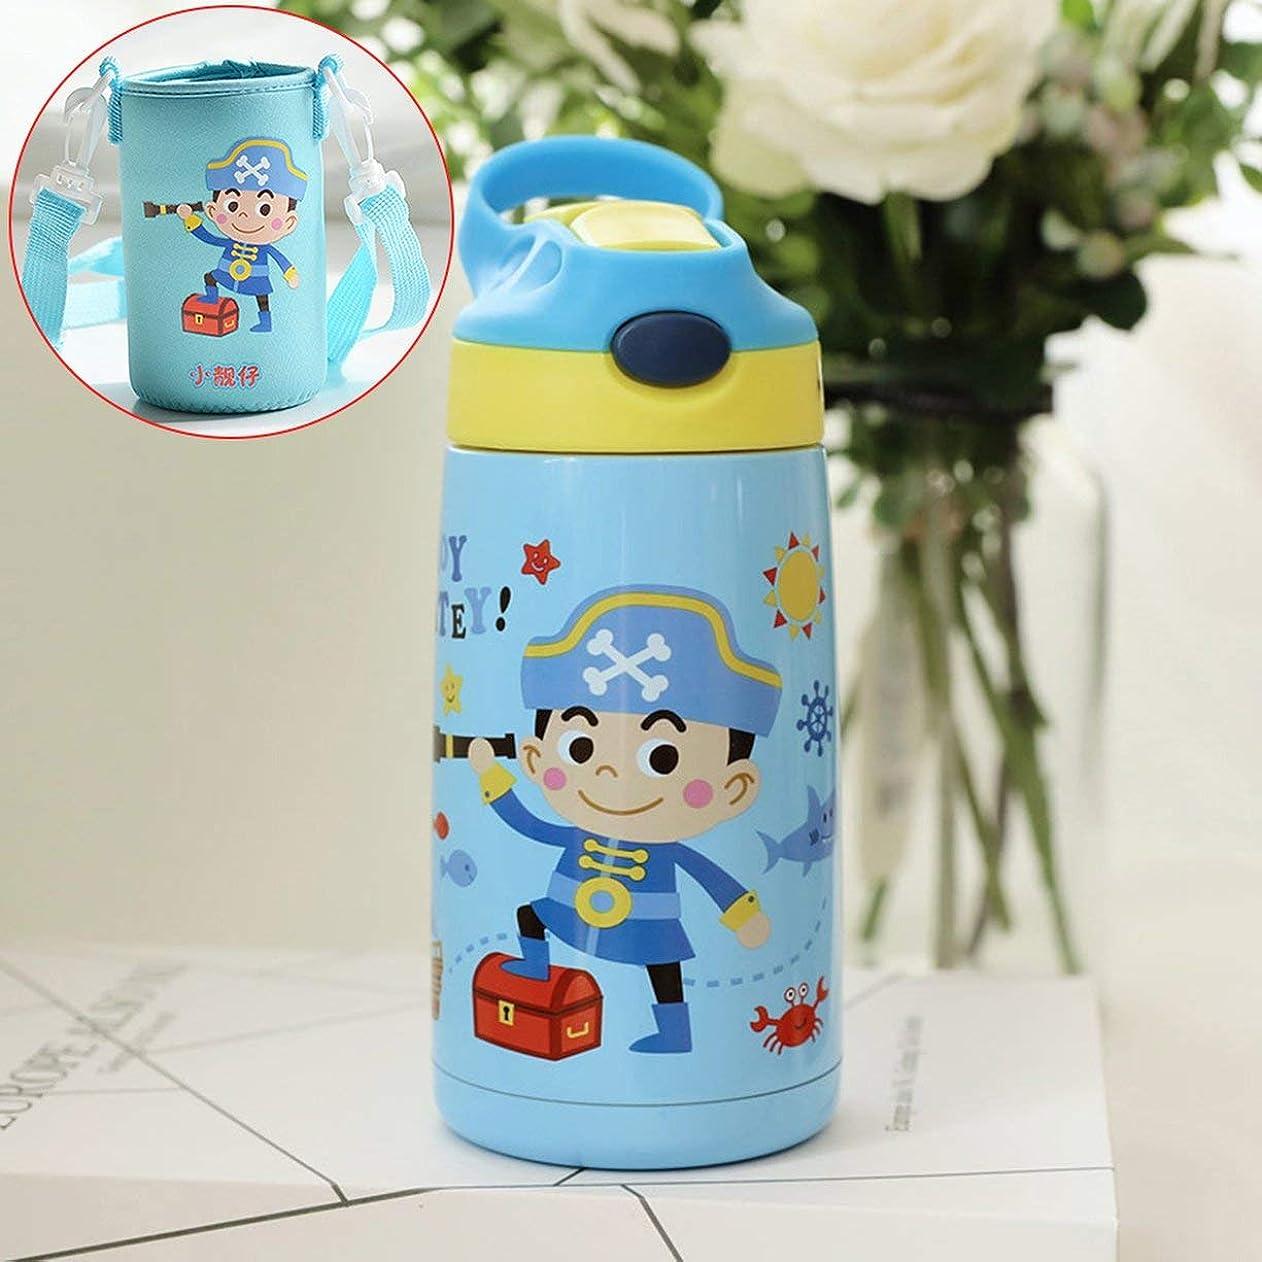 モネテクニカルパット子供の子供の飲料水ストローボトルステンレス鋼かわいい真空カップフラスコ水ボトル-ライトブルー